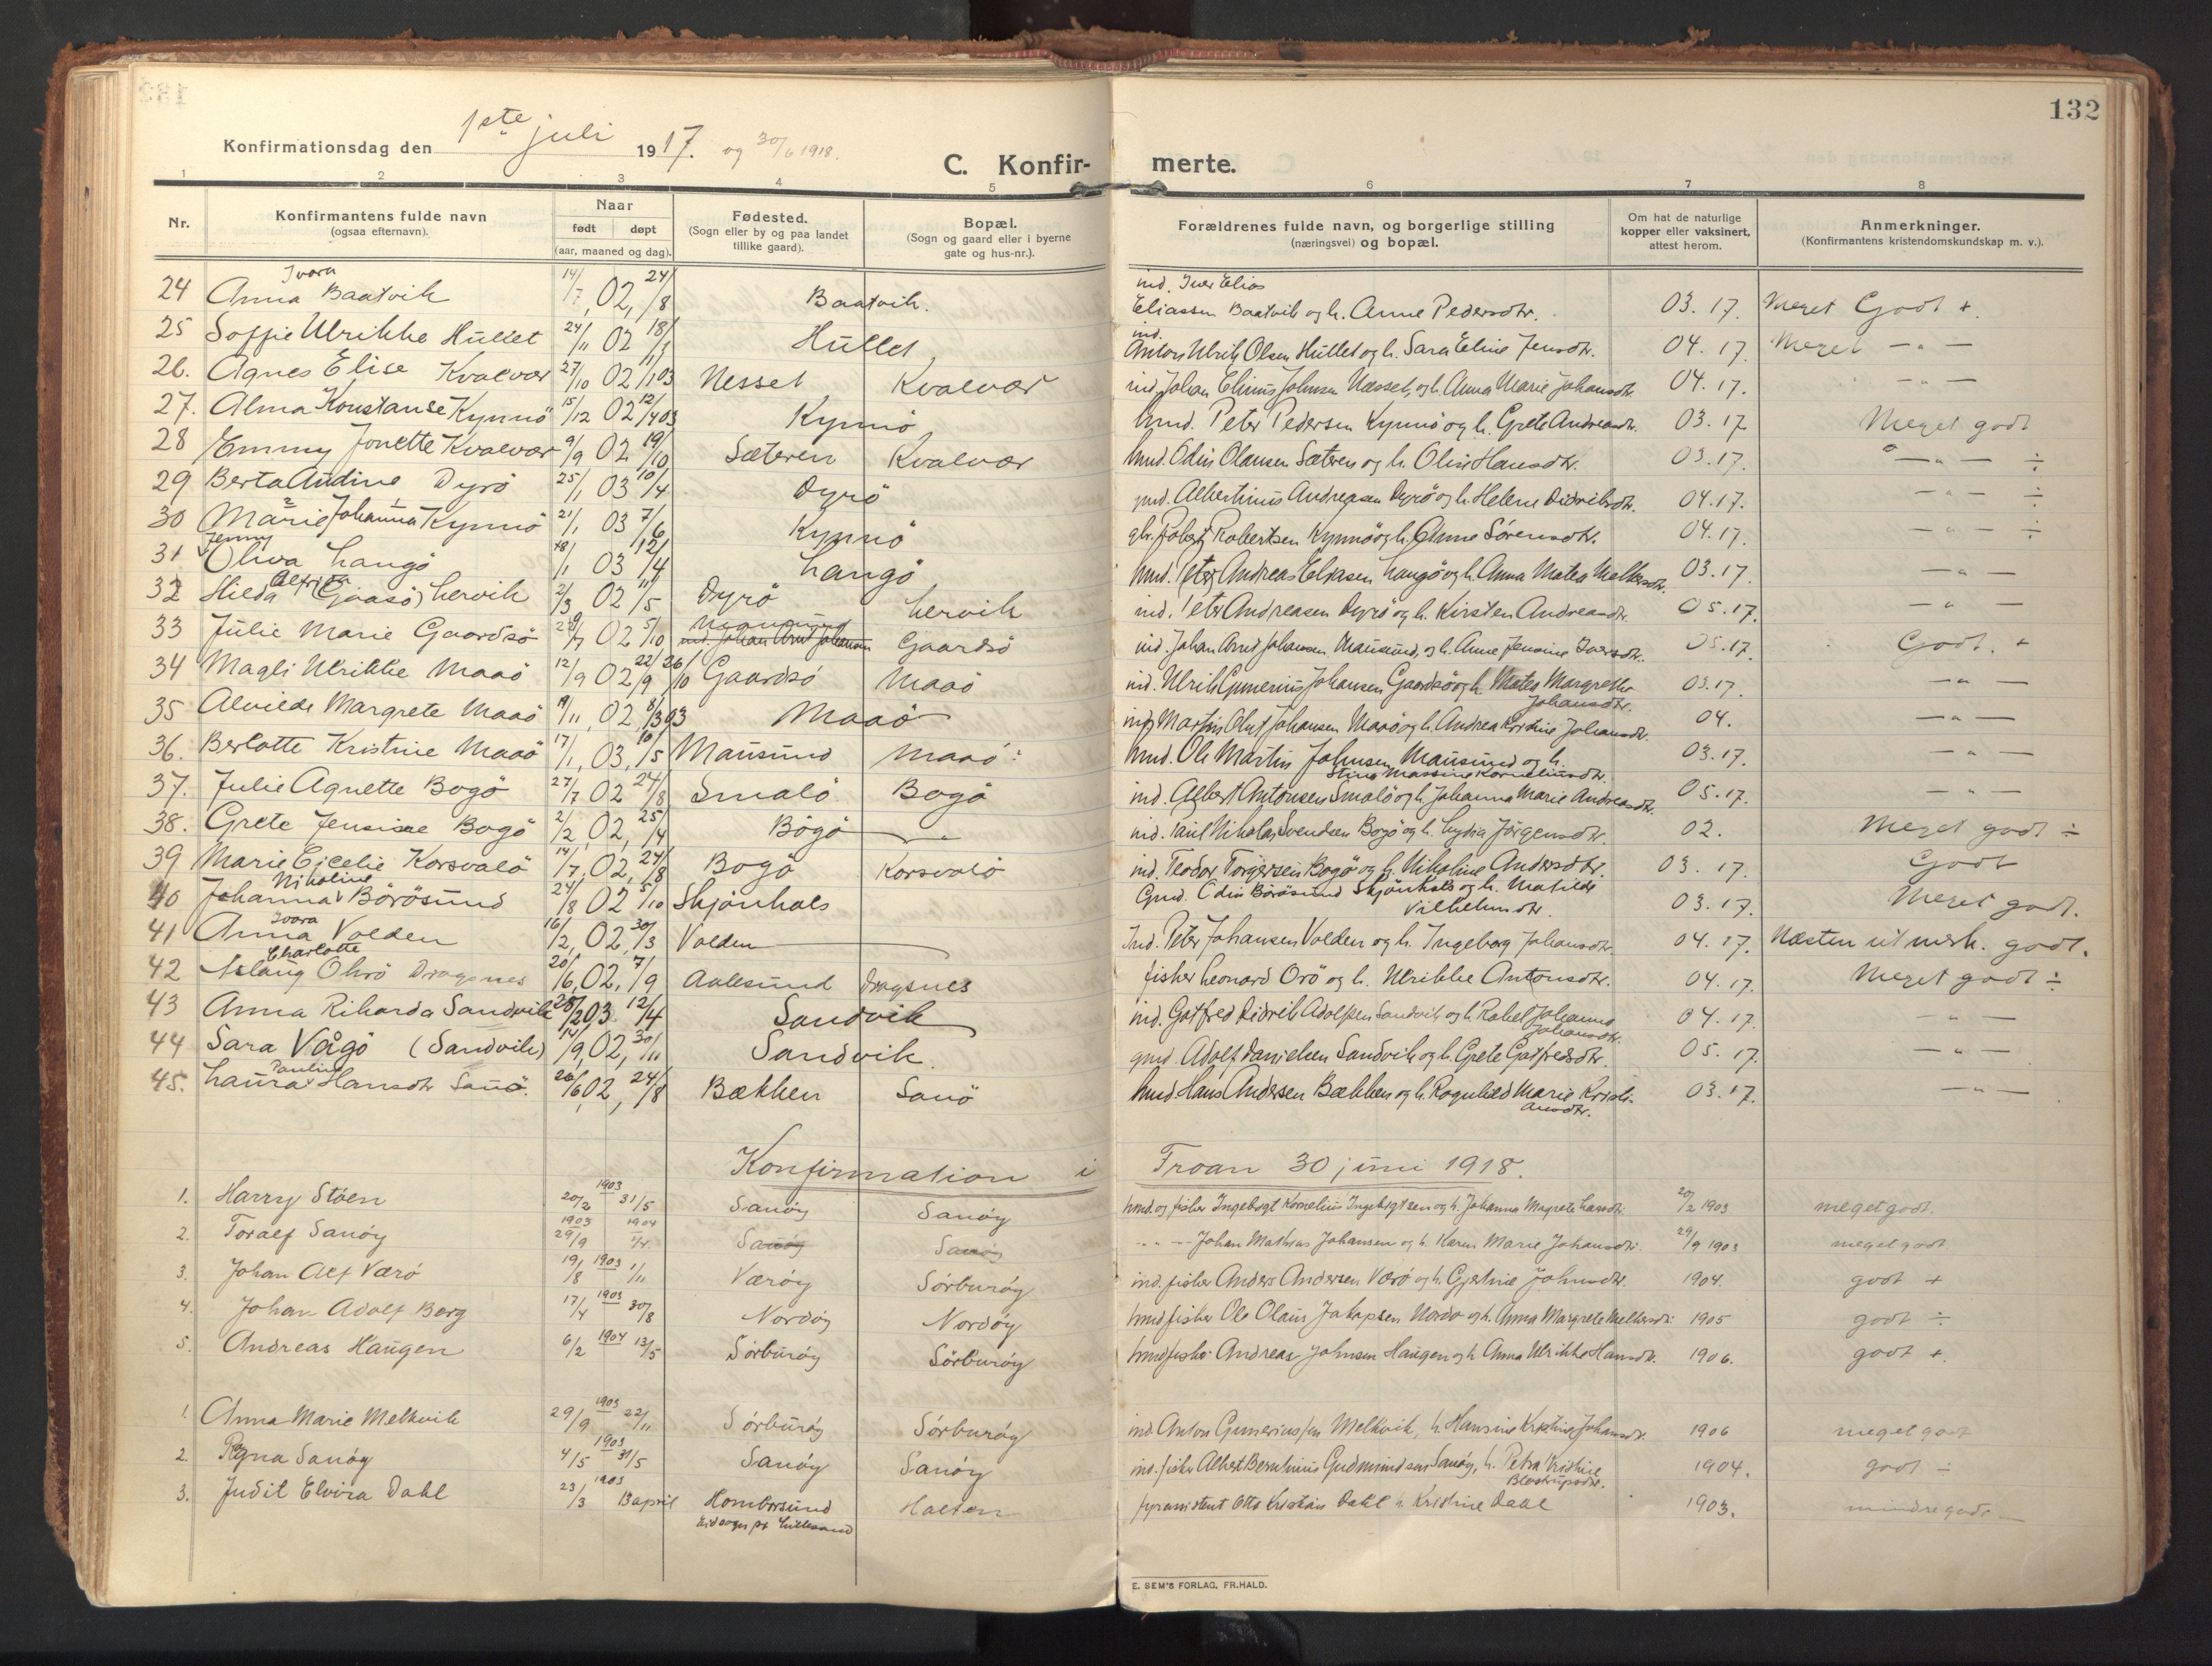 SAT, Ministerialprotokoller, klokkerbøker og fødselsregistre - Sør-Trøndelag, 640/L0581: Ministerialbok nr. 640A06, 1910-1924, s. 132